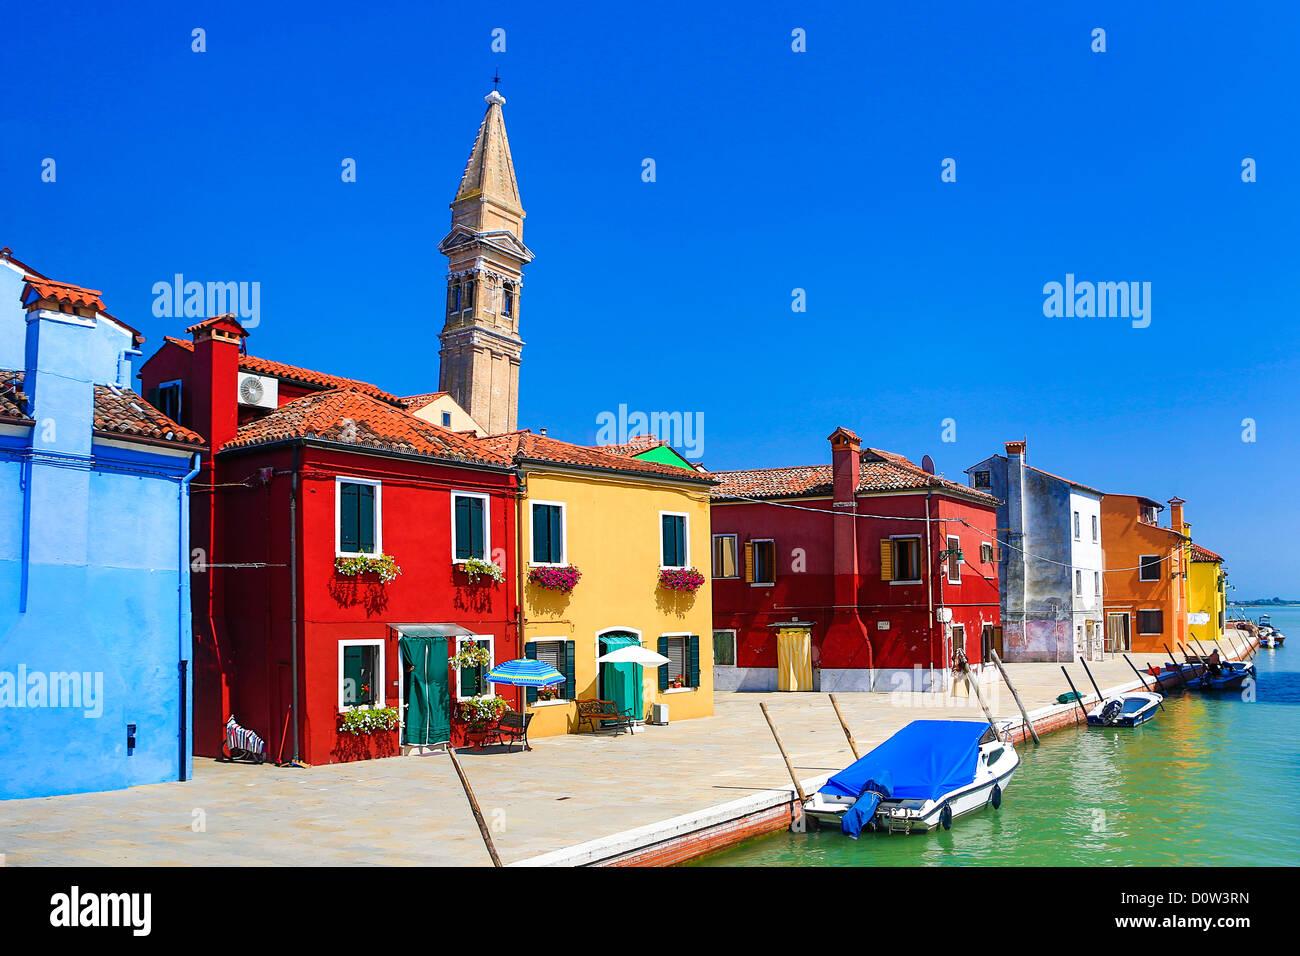 L'Italie, l'Europe, voyage, Burano, architecture, colorées, couleurs, tourisme, Venise, tour Photo Stock